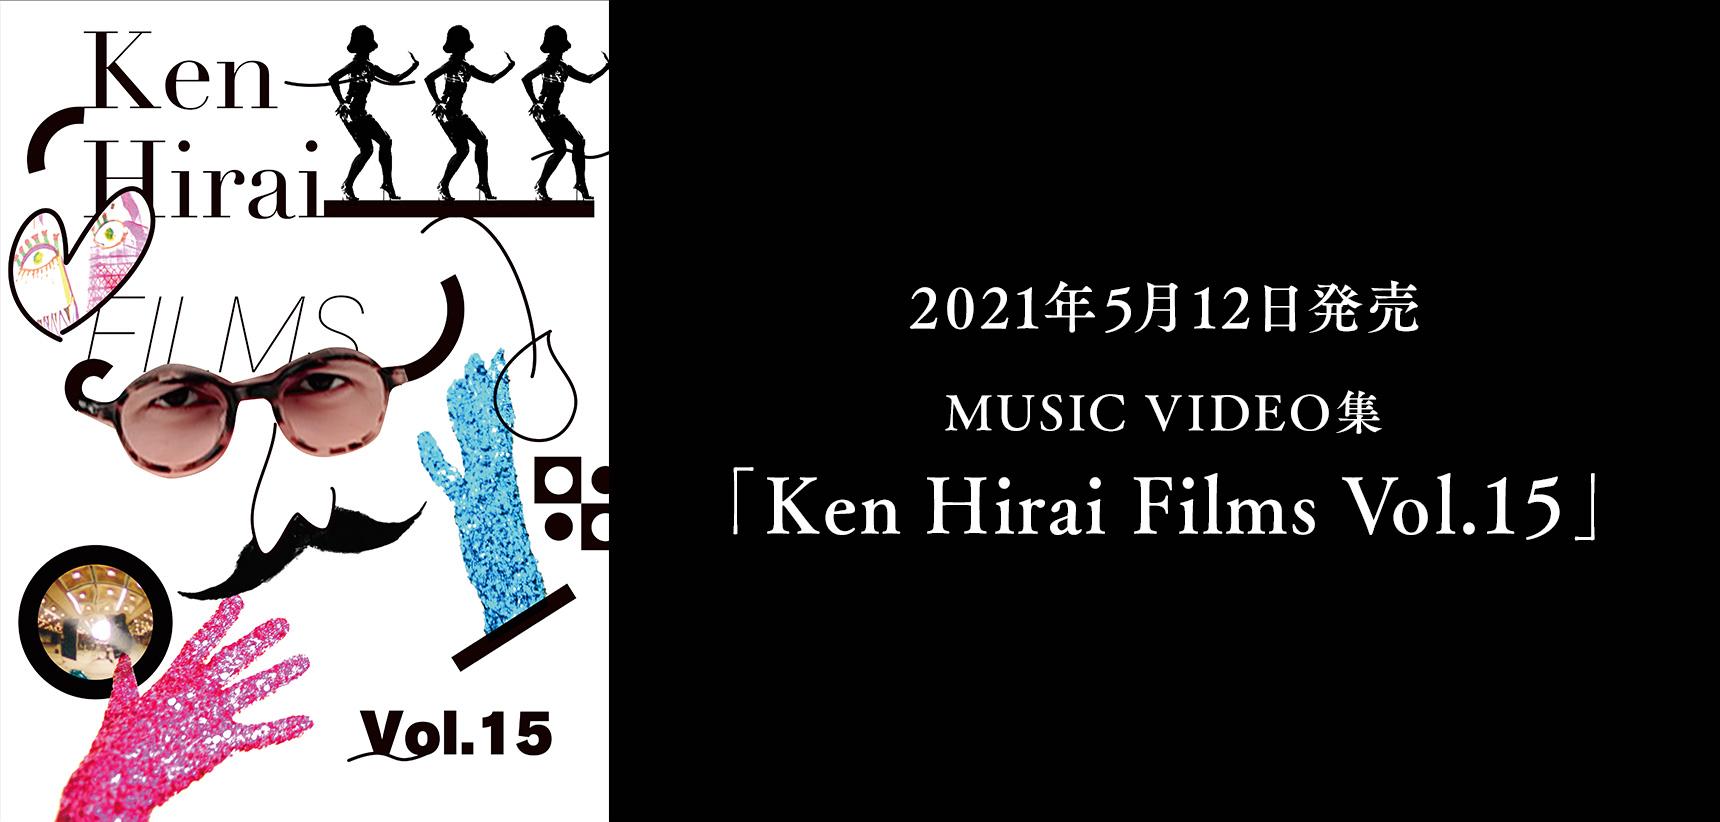 「Ken Hirai Films Vol.15」2021年5月12日(水)リリース